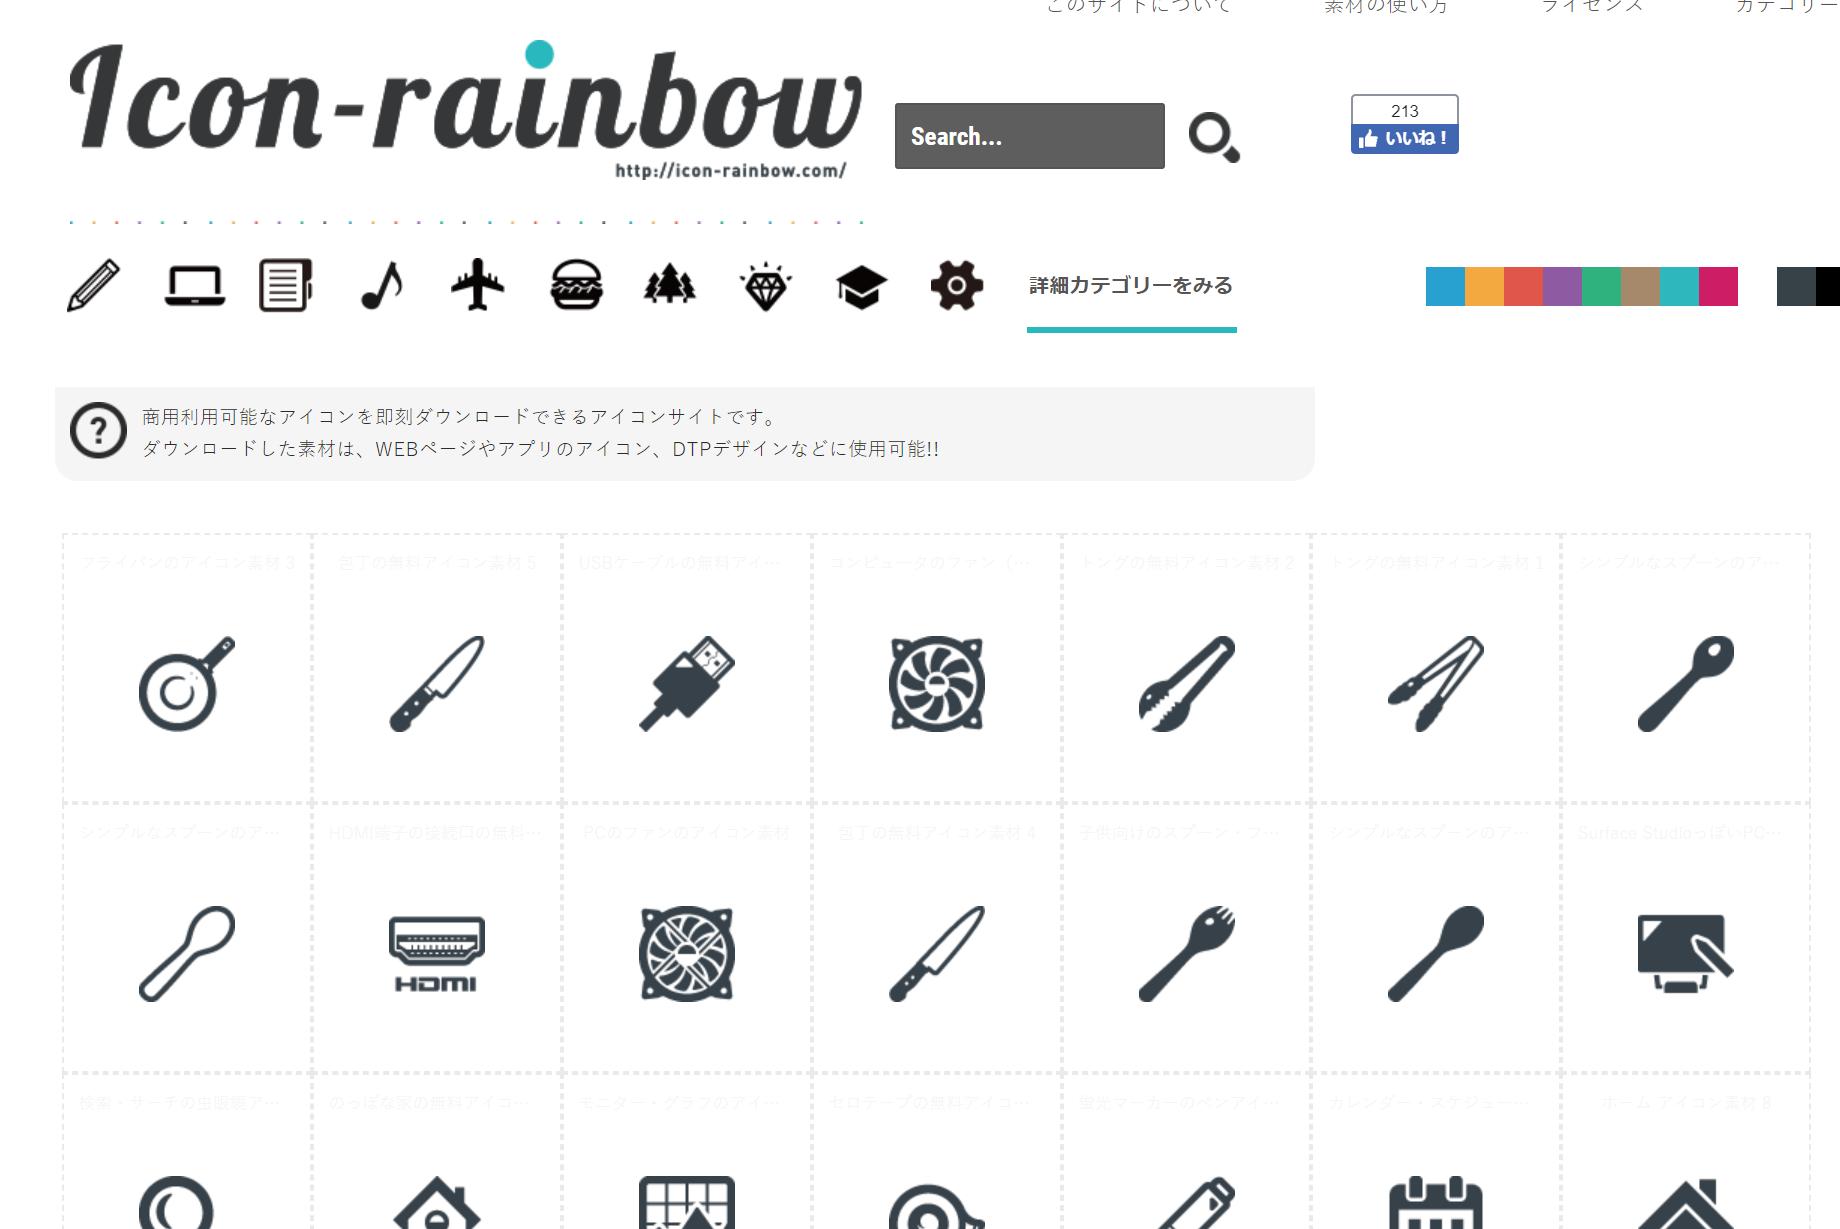 Icon-rainbow~商用可の無料(フリー)のアイコン素材をダウンロードできるサイト~